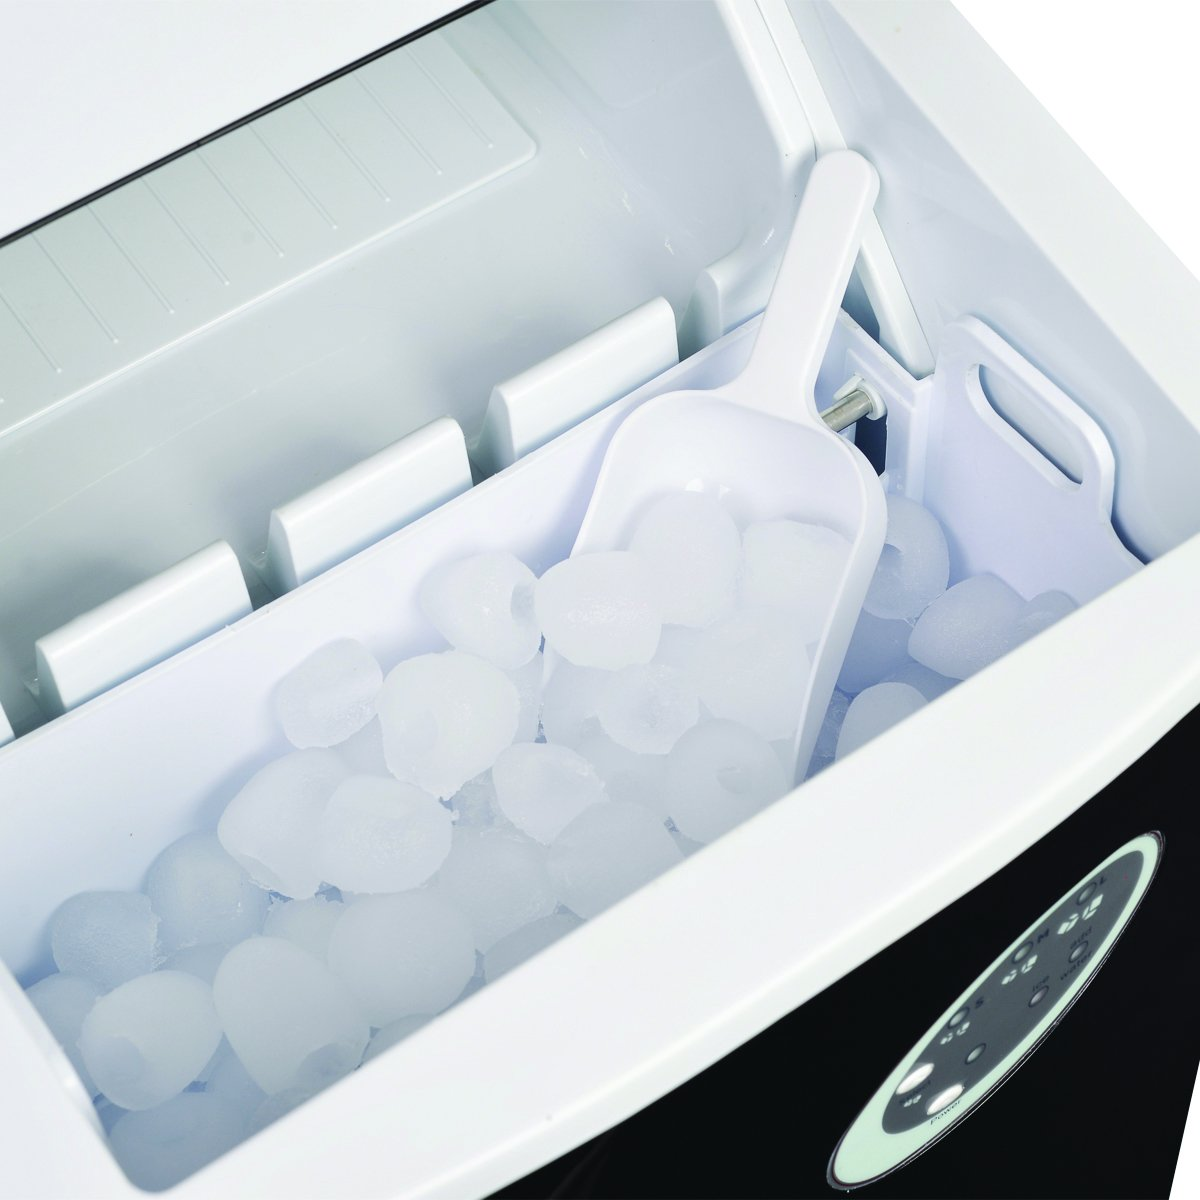 Wassertankkapazit/ät 3.2l 12kg Eis in 24 Stunden PNI Summer P3 Counter Top Eisherstellermaschine Eismacher-Maschine 3 gr/össes Eisformen Eisspeicherkapazit/ät 1.1 kg